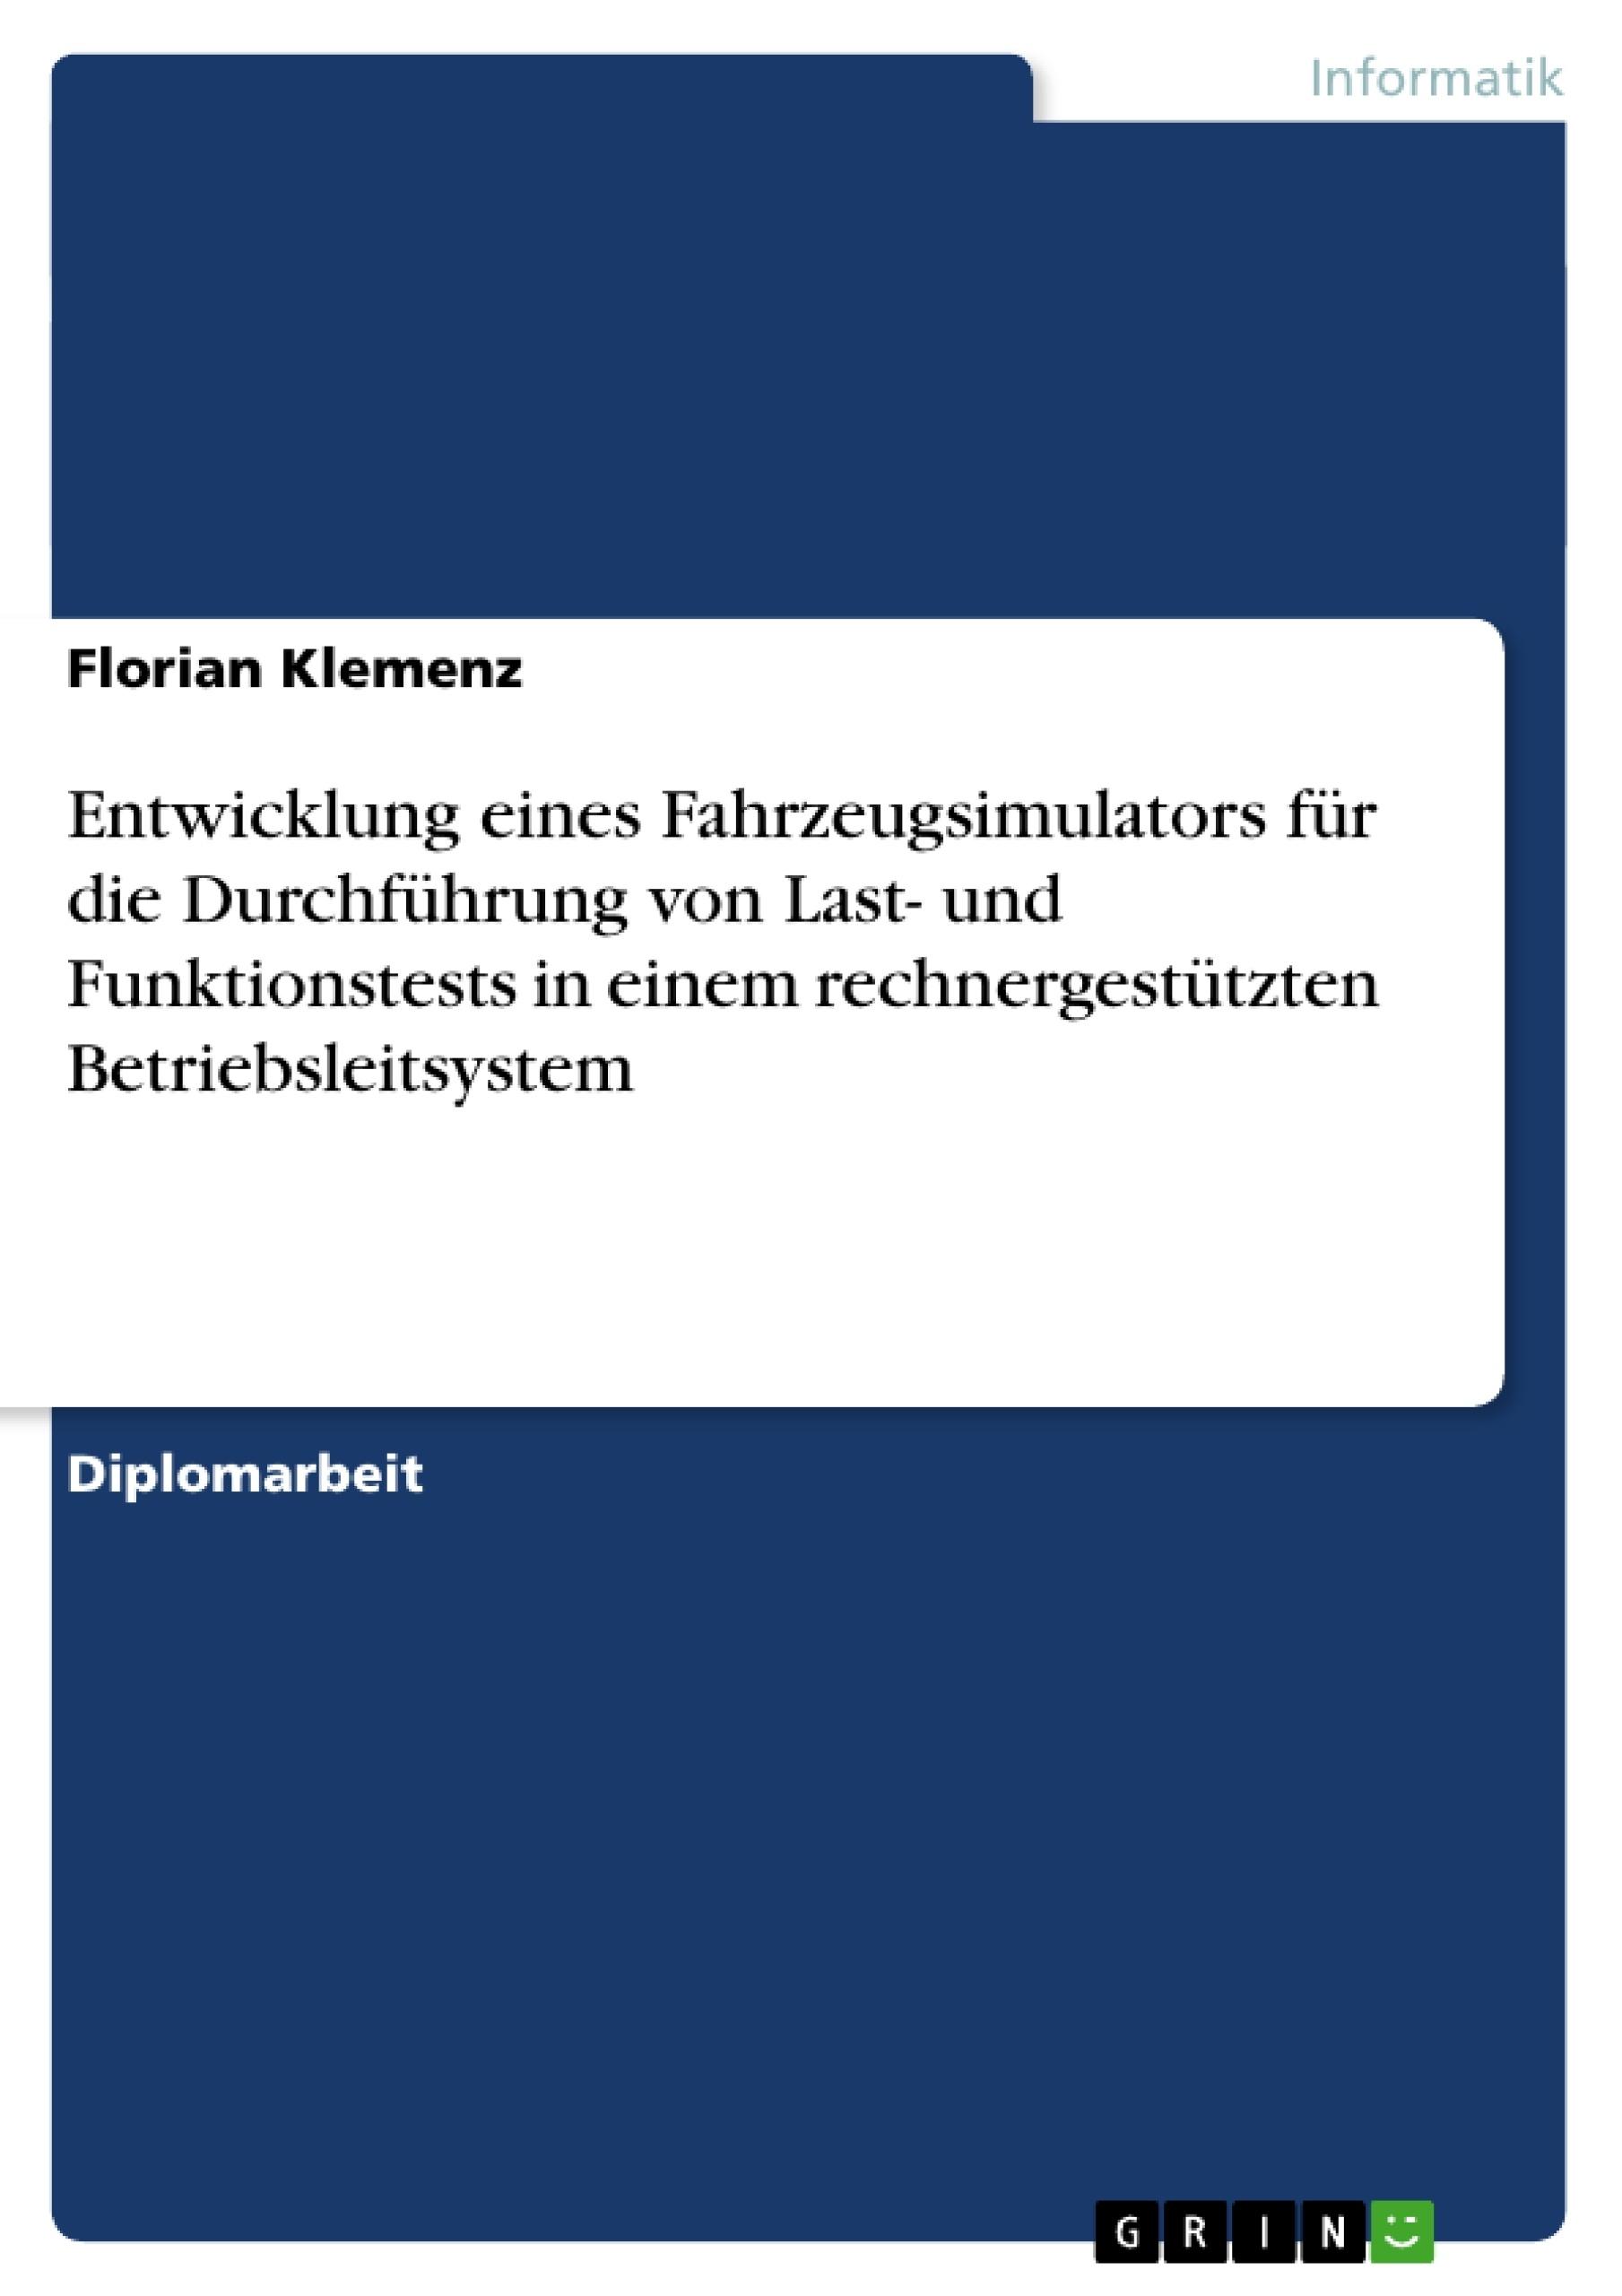 Titel: Entwicklung eines Fahrzeugsimulators für die Durchführung von Last- und Funktionstests in einem rechnergestützten Betriebsleitsystem